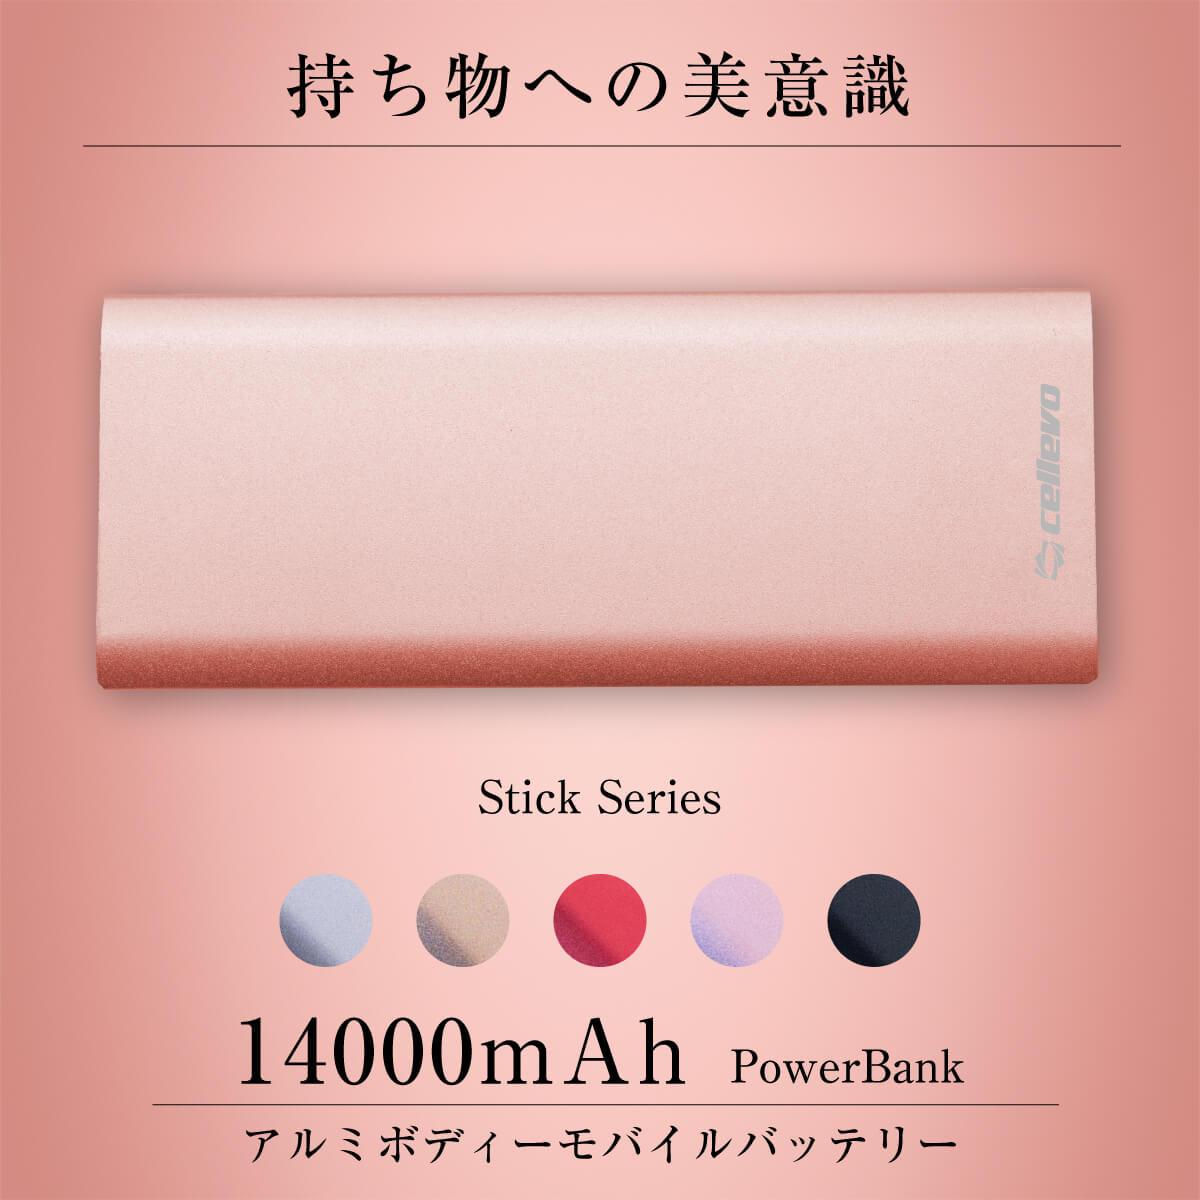 アルミ スマホ充電器 スマホバッテリー充電器 スマホバッテリー USB A 高級な タイプA 充電器 大容量 急速 PSE適合 供え cellevo EP14000SB 14000mAh iPhone12 送料無料 急速充電 モバイルバッテリー